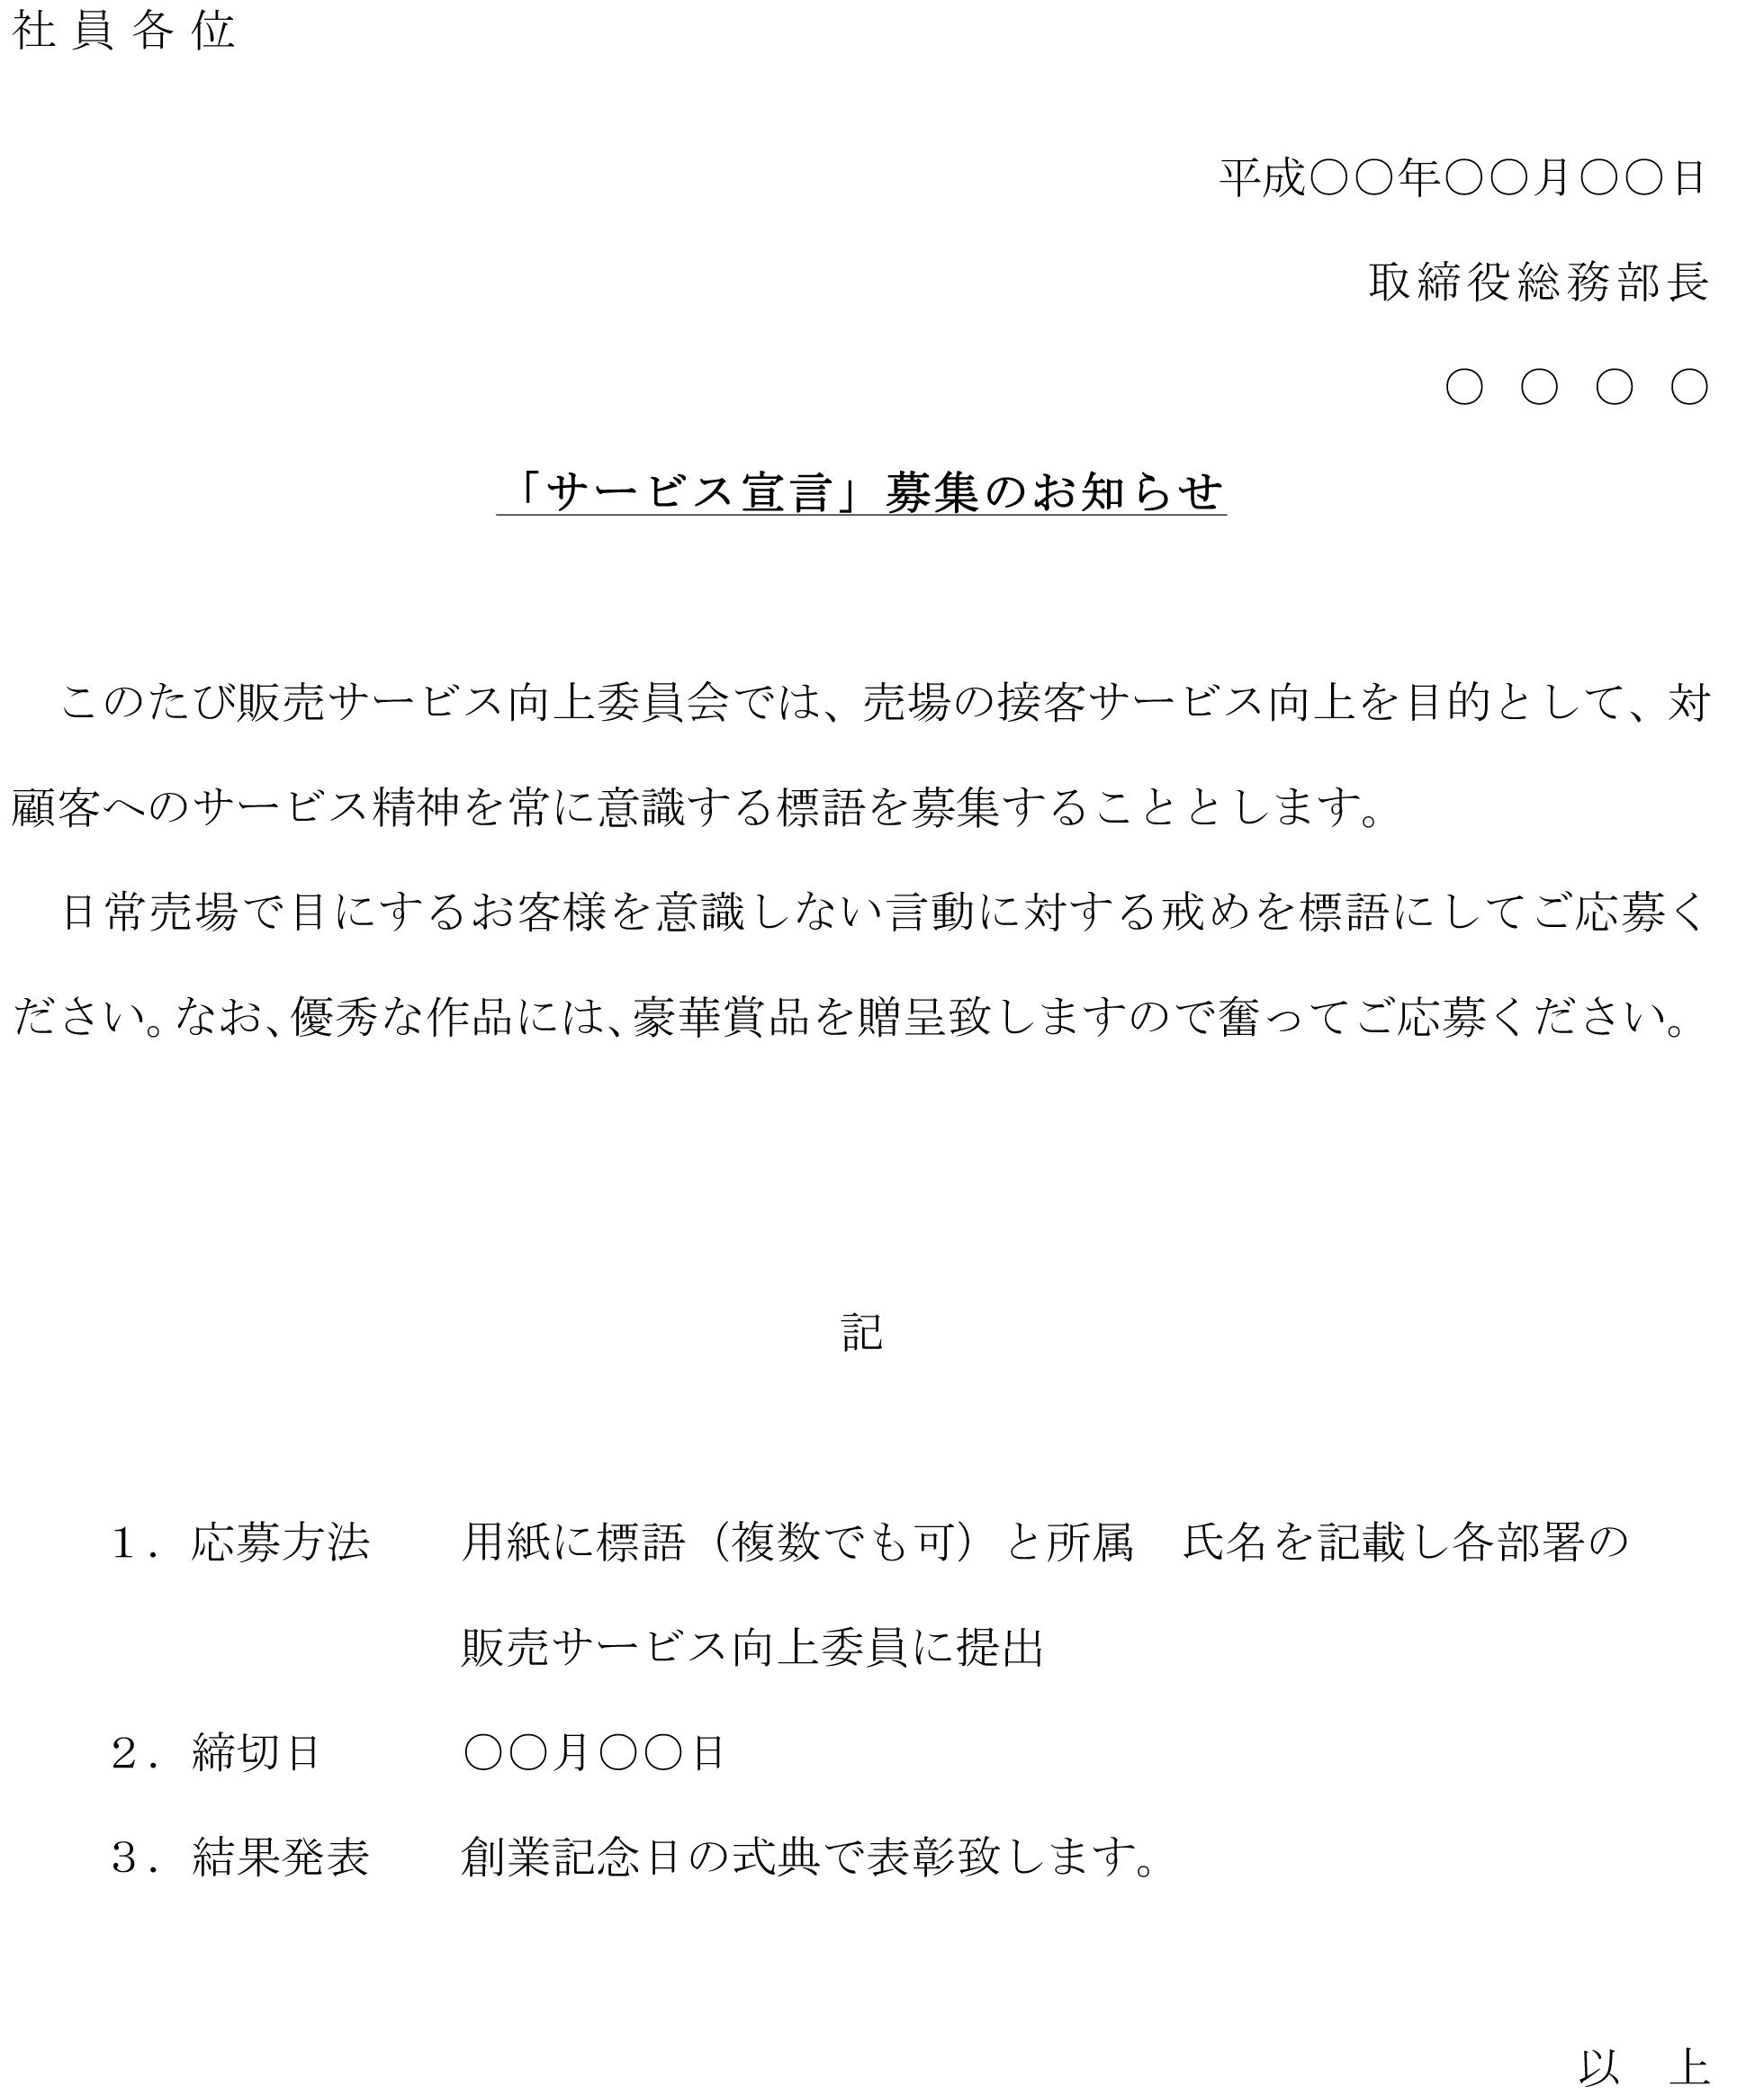 お知らせ(「サービス宣言」募集)のテンプレート書式